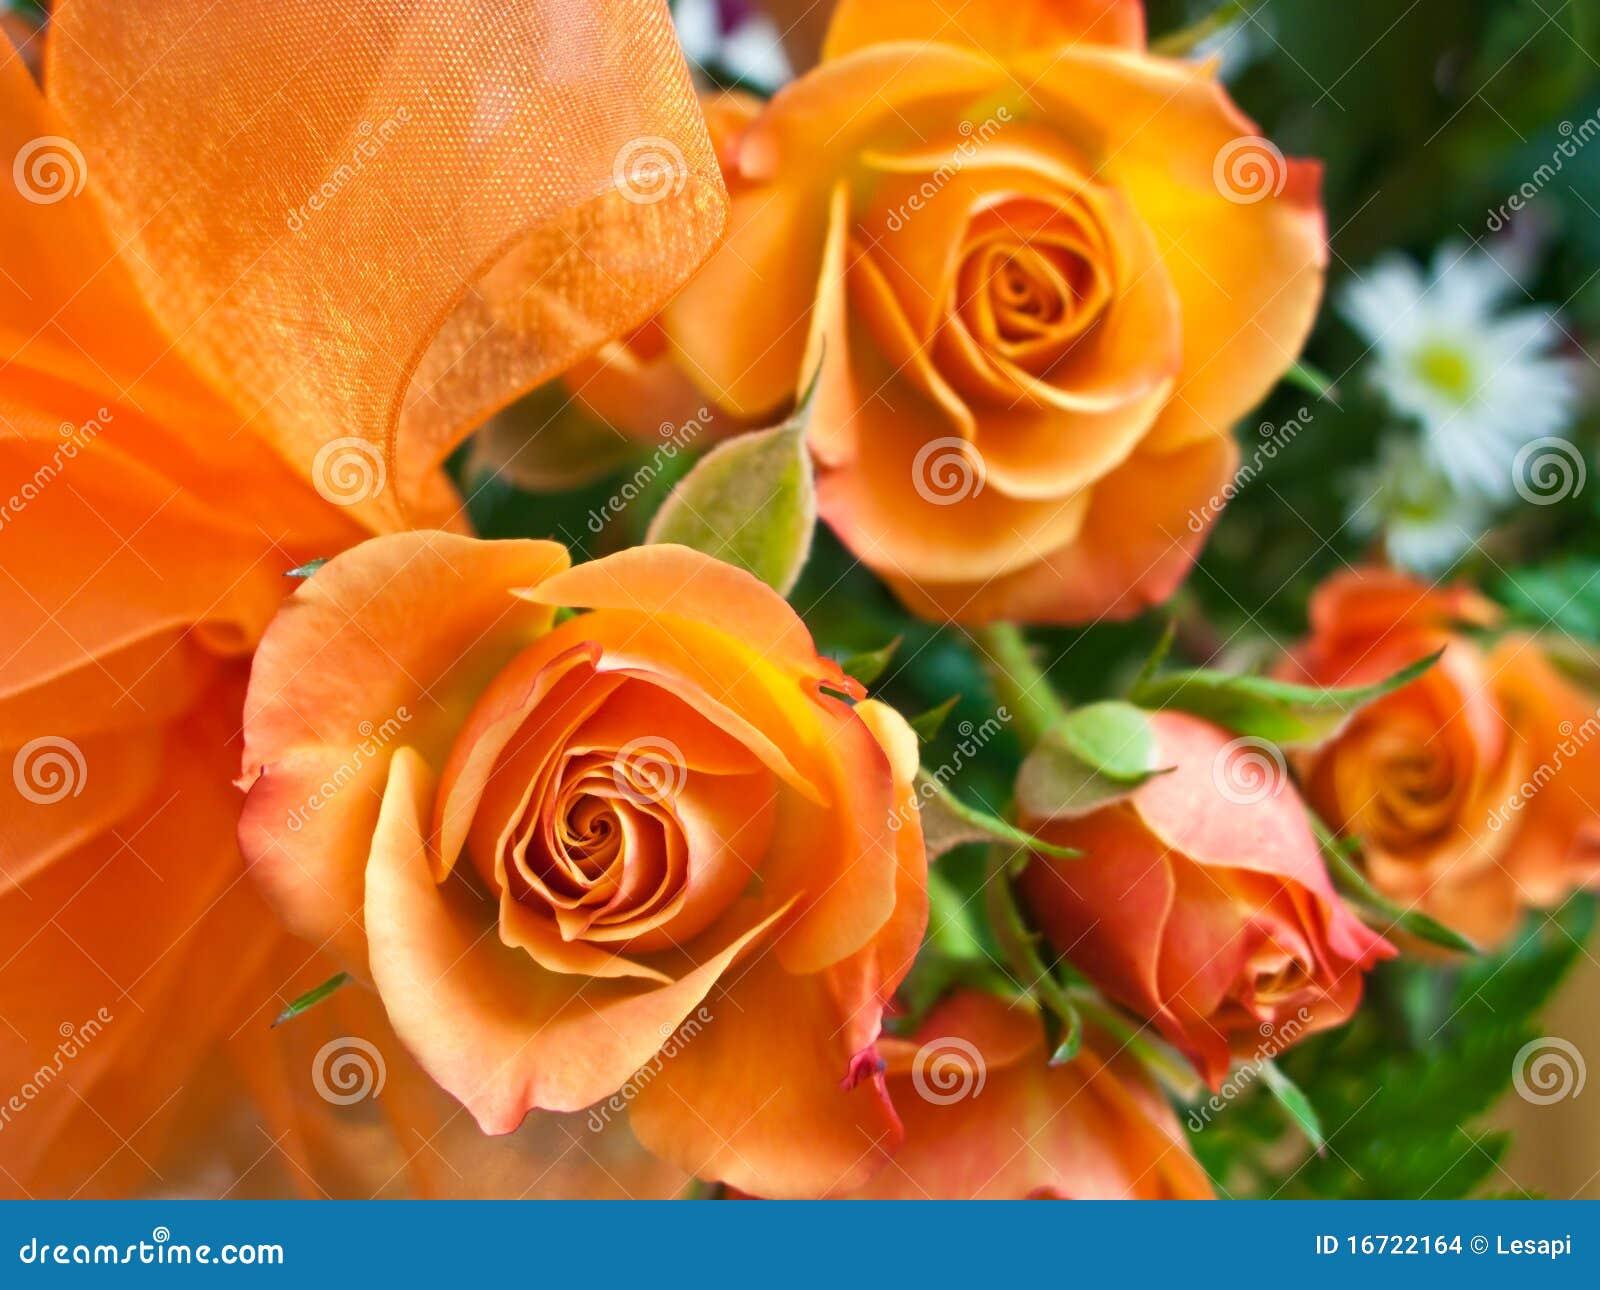 orange rosen stockfoto bild von abschlu sch nheit 16722164. Black Bedroom Furniture Sets. Home Design Ideas